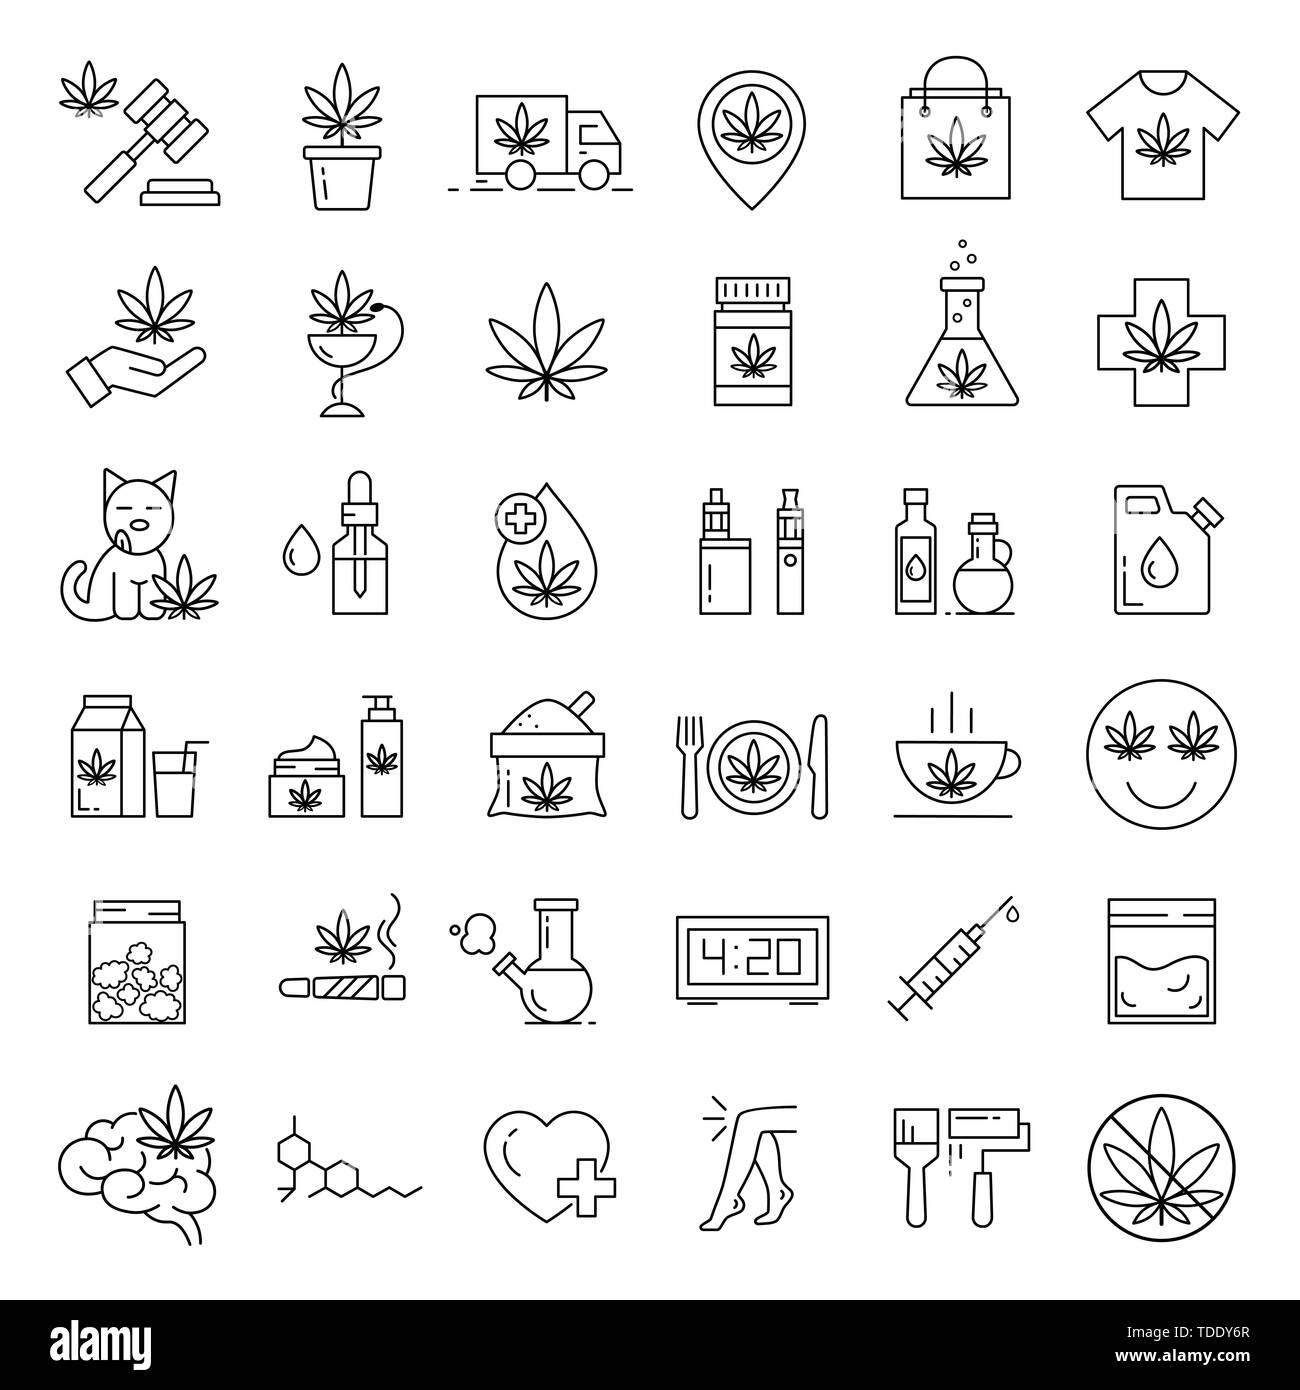 Marijuana icons. Set of medical cannabis icons. Drug consumption. Marijuana Legalization. Isolated vector illustration on white background. - Stock Image